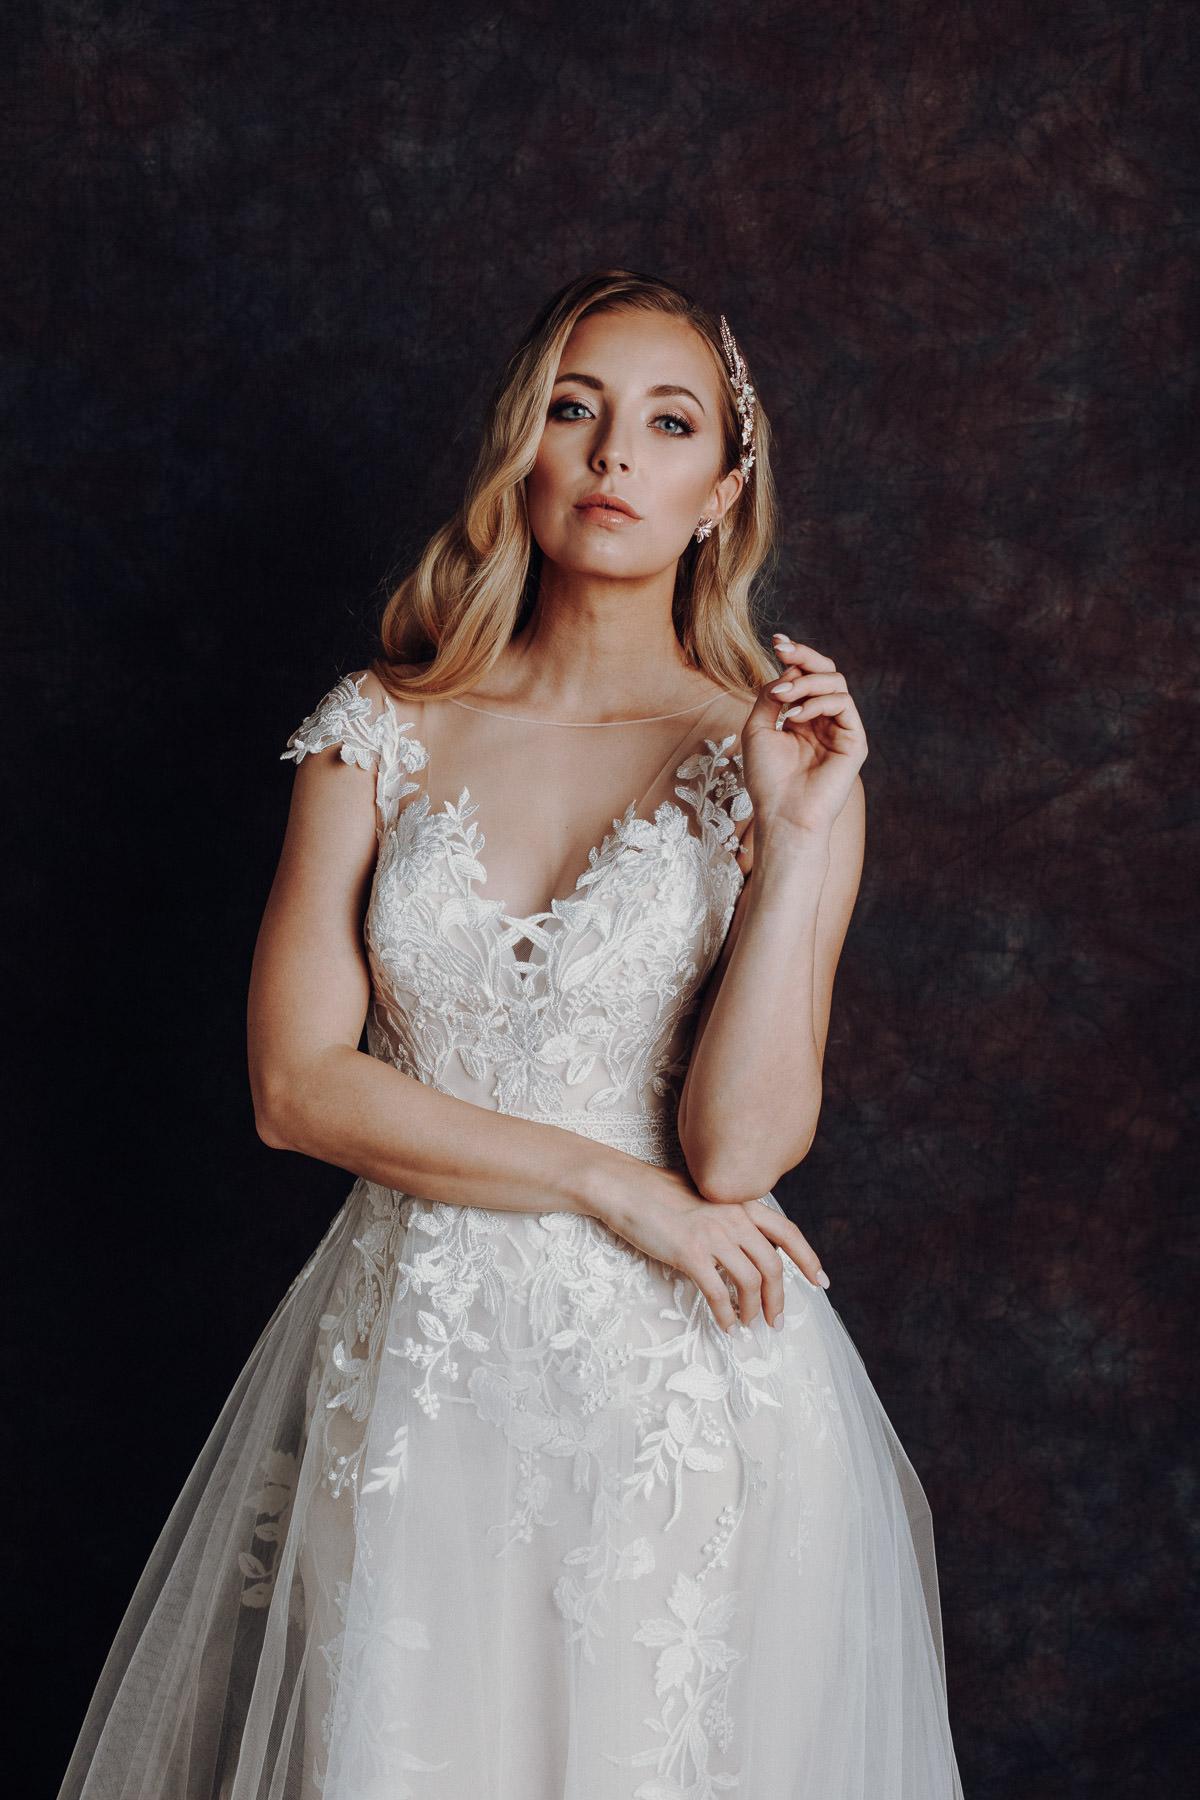 fashion editorial wedding dress